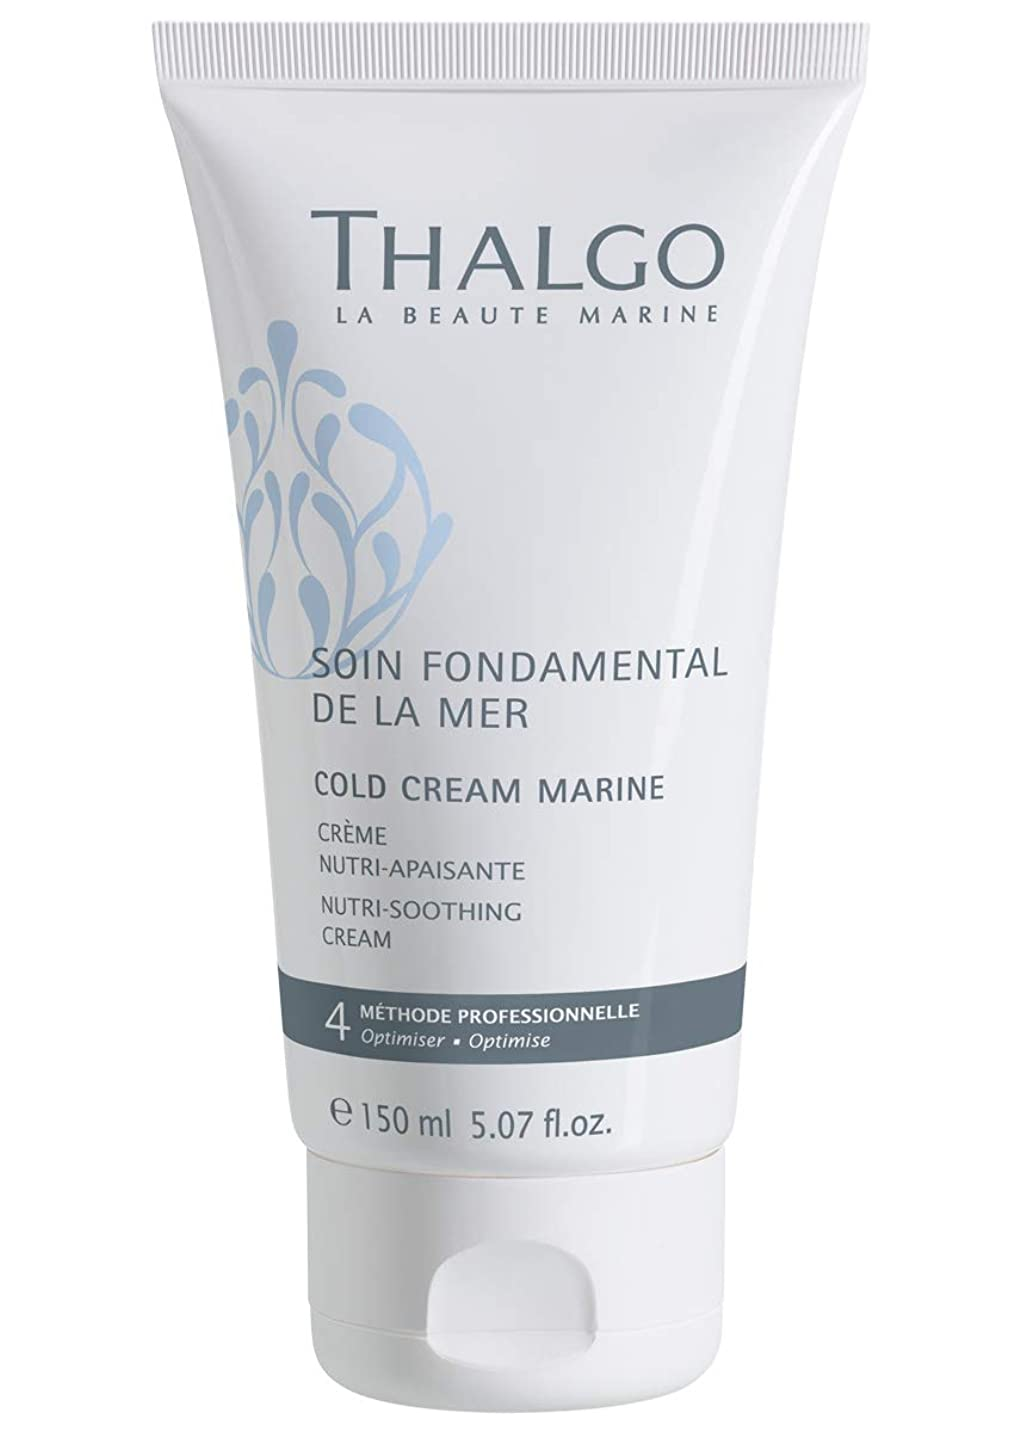 代表する郵便物引用タルゴ Cold Cream Marine Nutri-Soothing Cream - For Dry, Sensitive Skin (Salon Size) 150ml/5.07oz並行輸入品